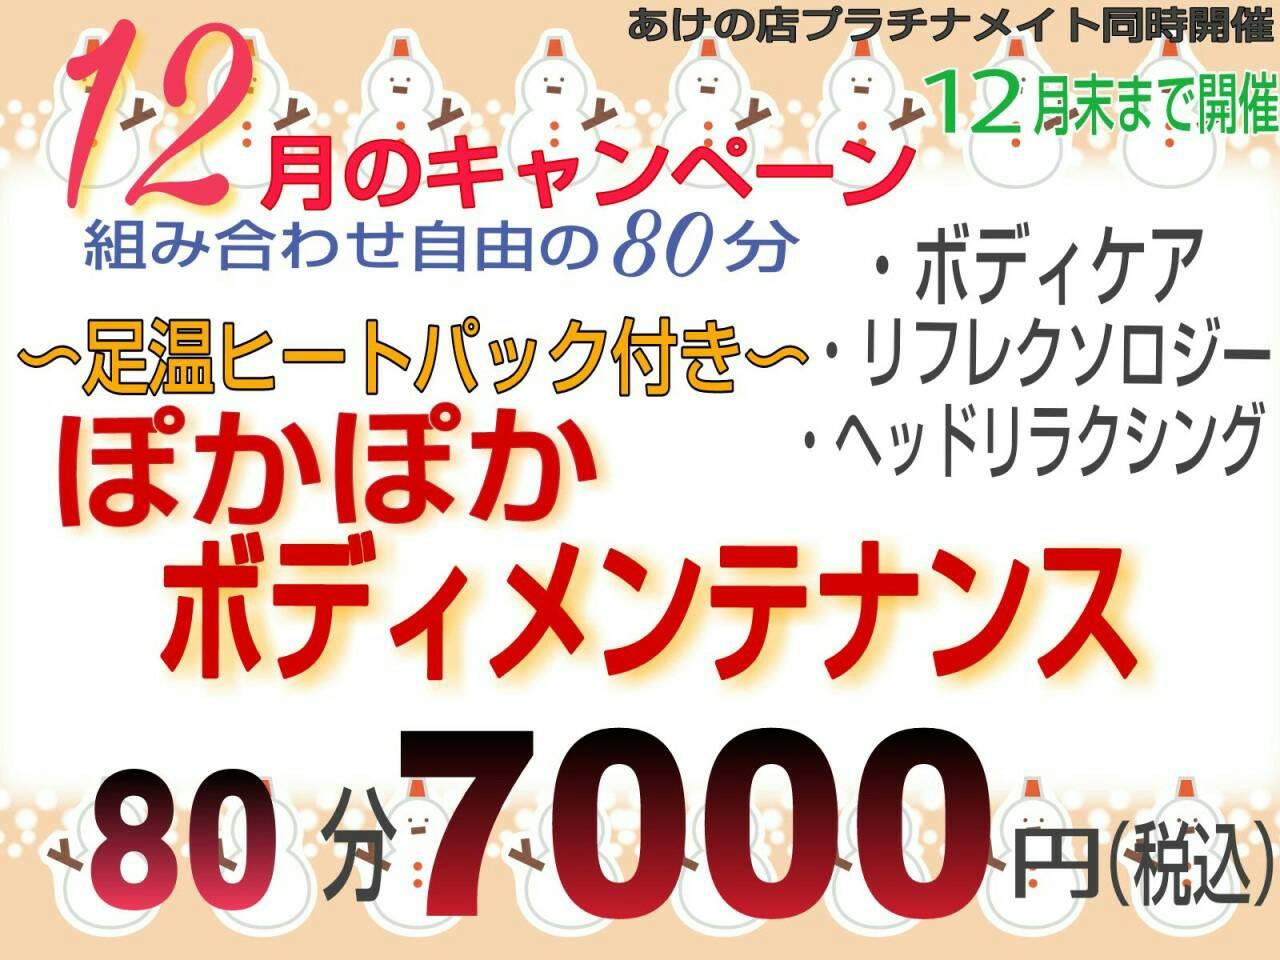 【ましゅまろ】12月キャンペーン情報2